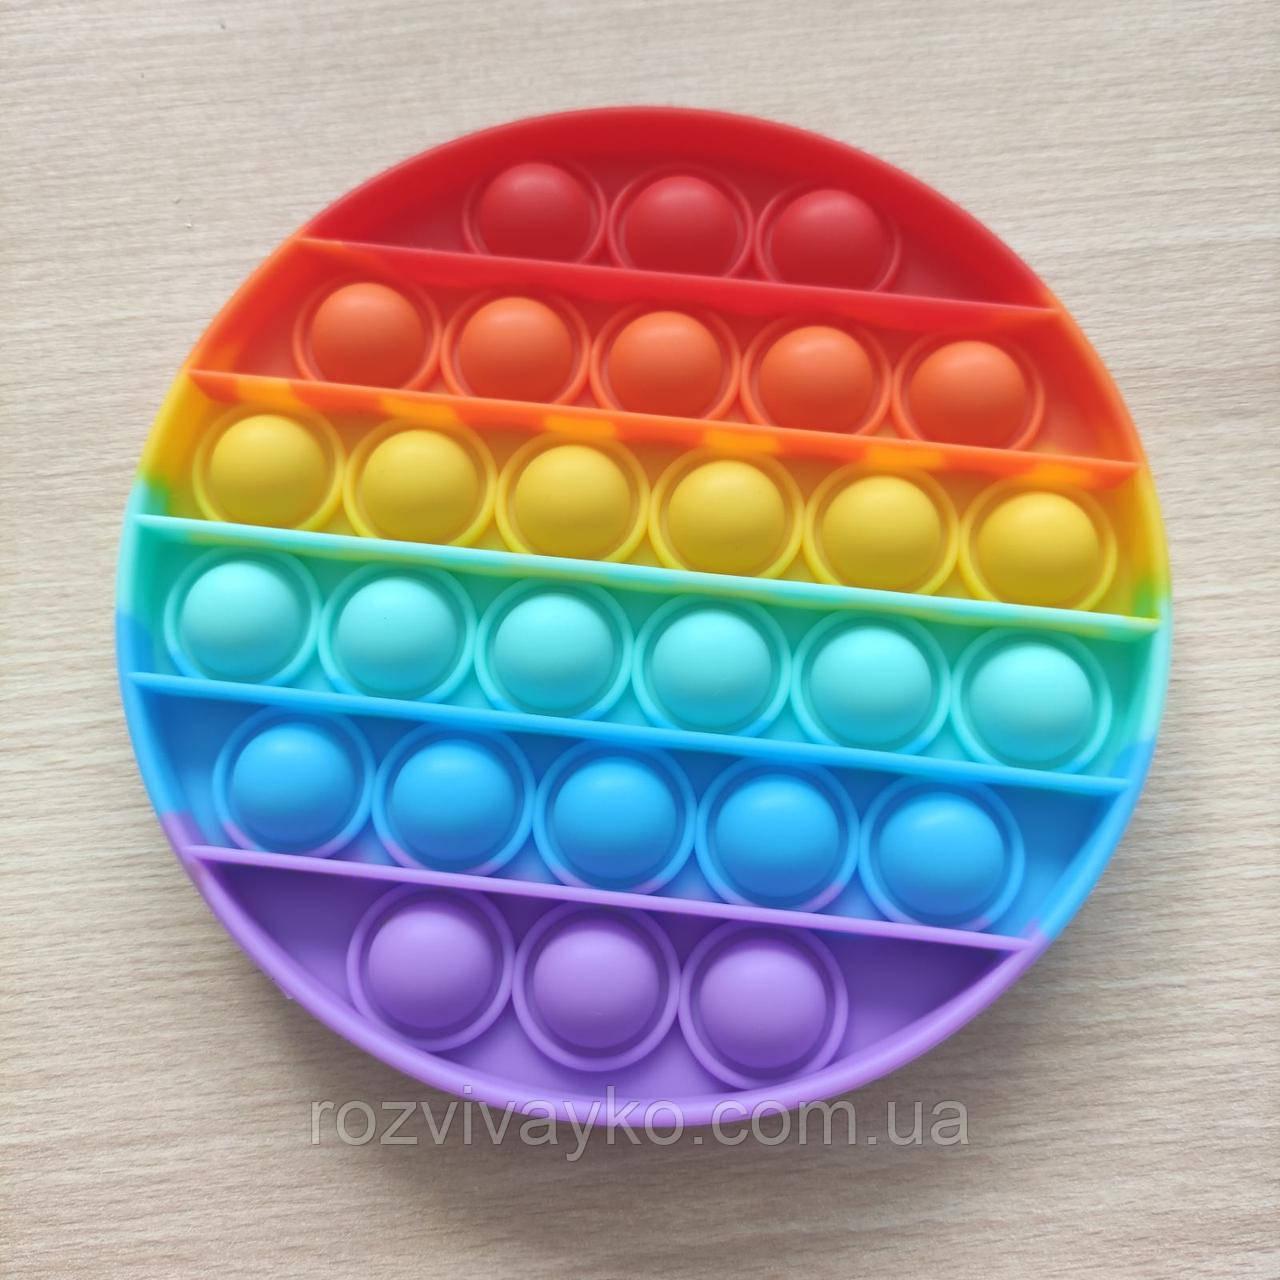 Антистресс Pop It разноцветный круглый